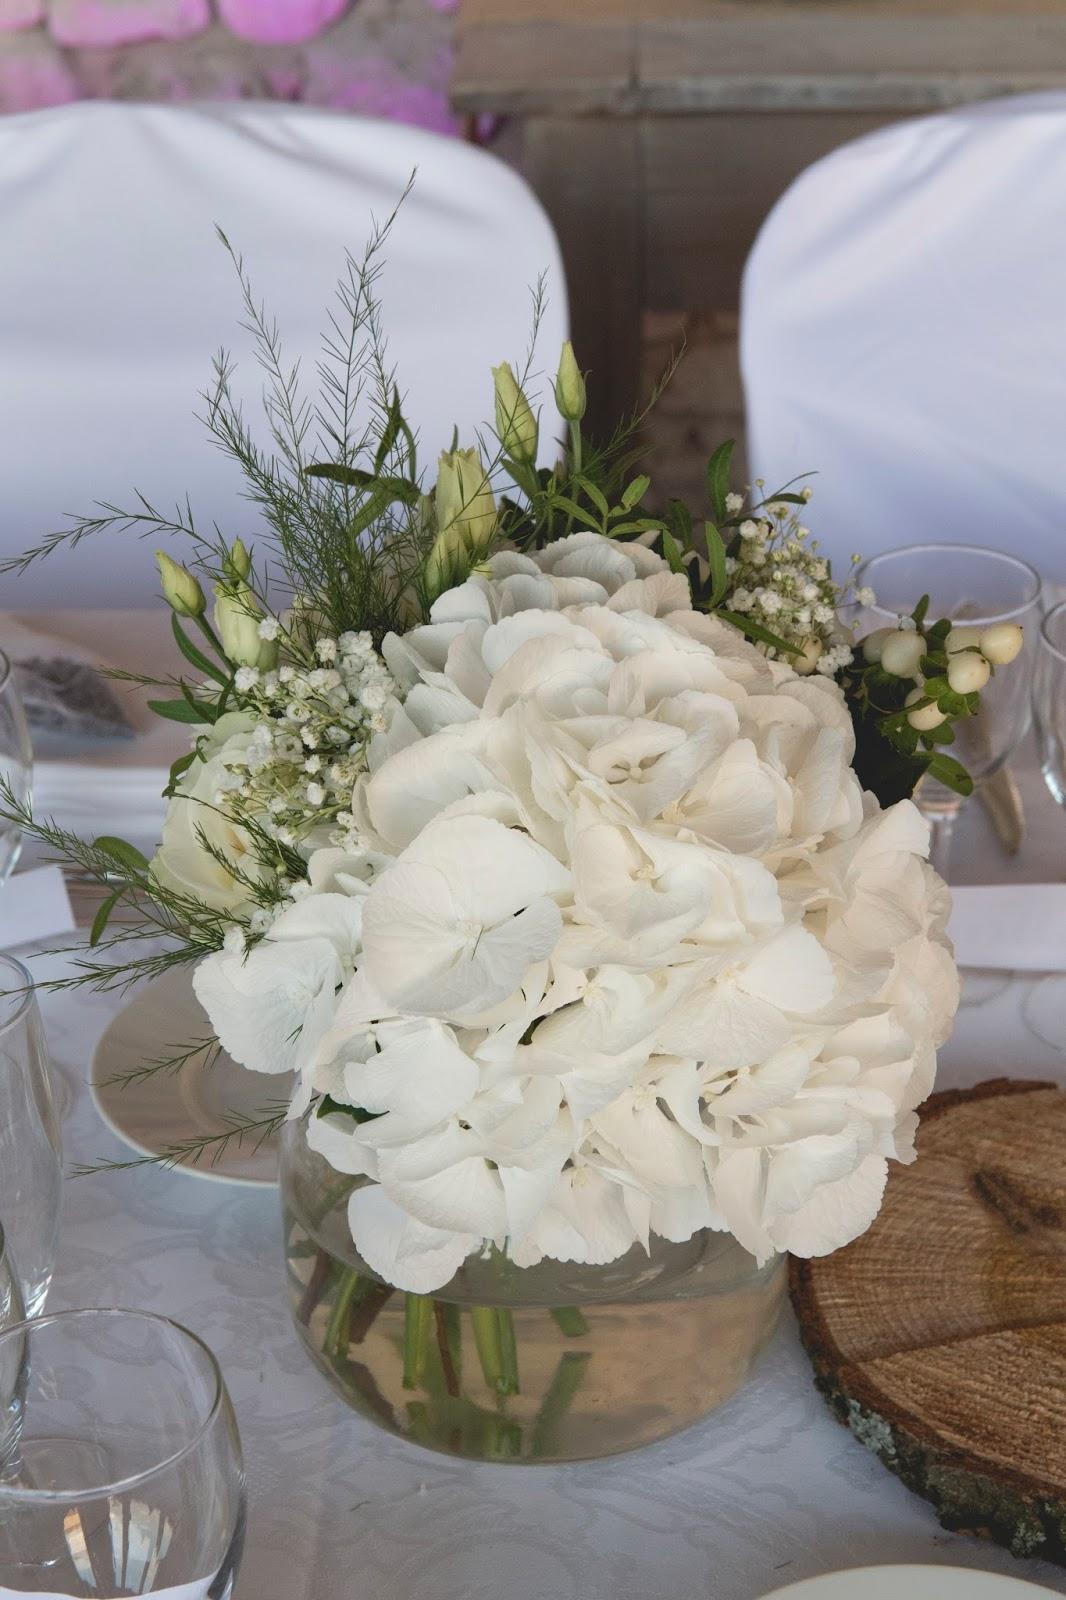 la petite boutique de fleurs fleuriste mariage lyon janvier 2017. Black Bedroom Furniture Sets. Home Design Ideas